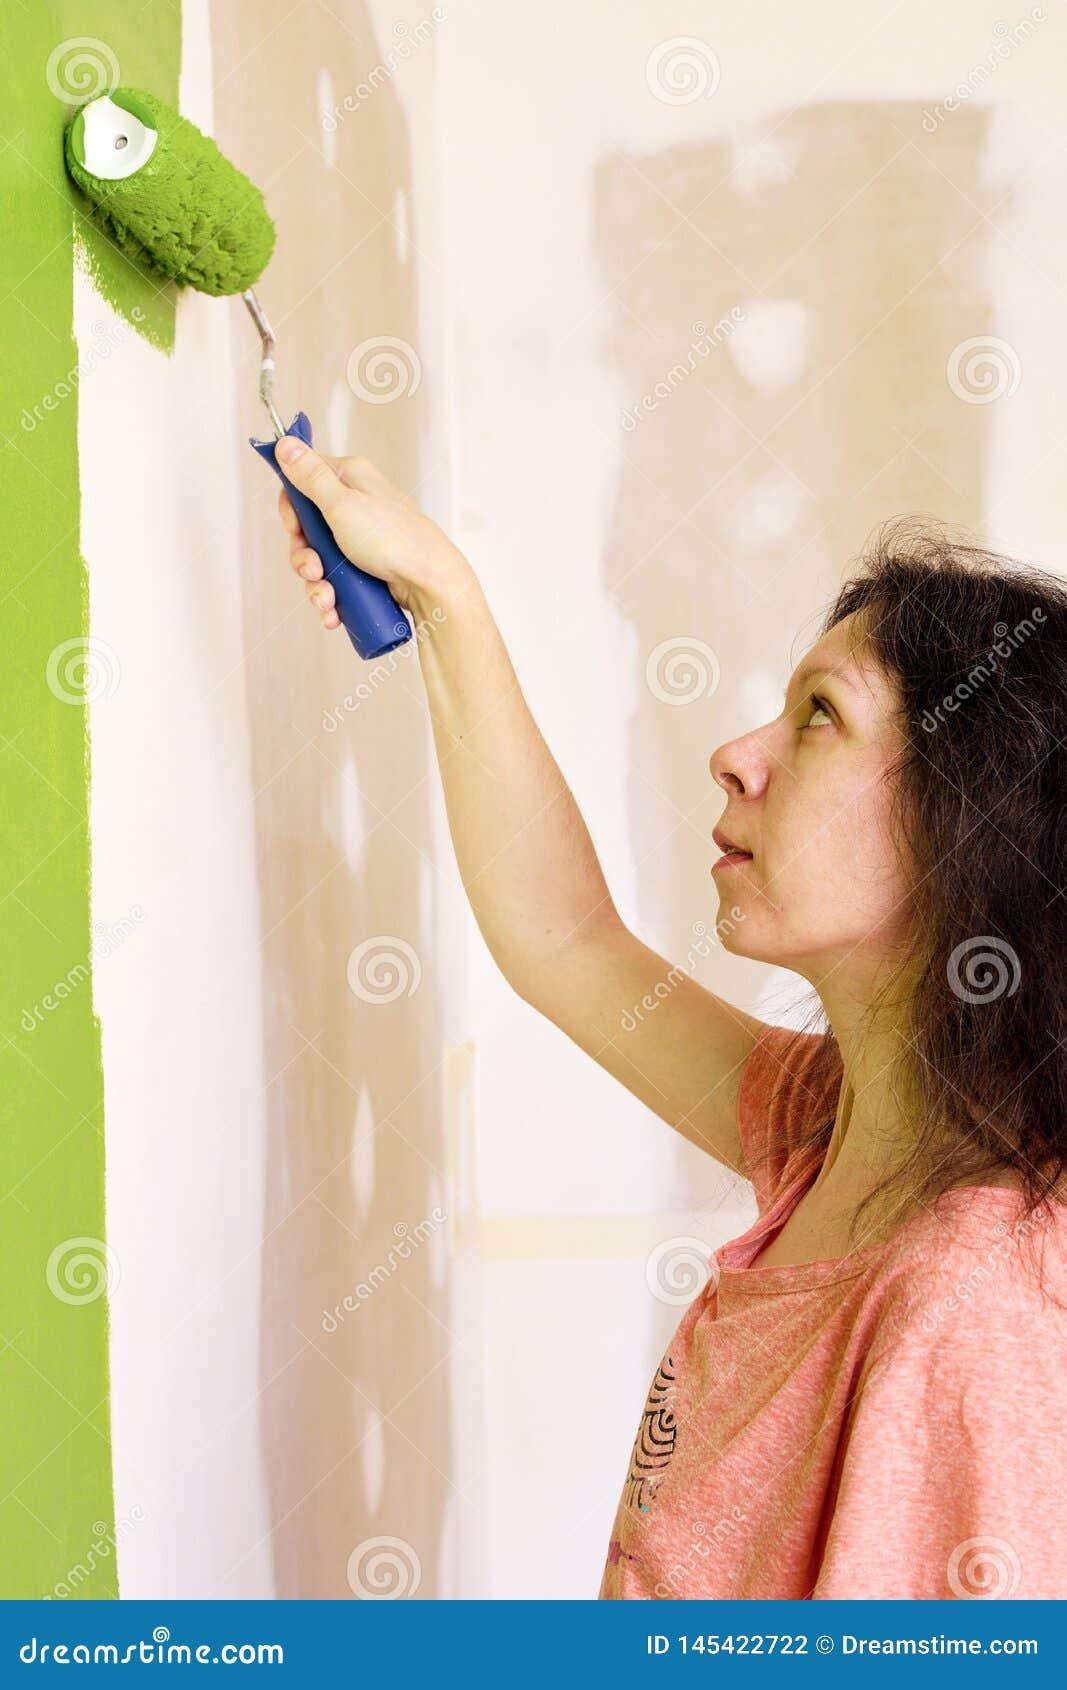 Portret ładna młoda kobieta w różowej koszulce ostrożnie maluje zieloną wewnętrzną ścianę z rolownikiem w nowym domu